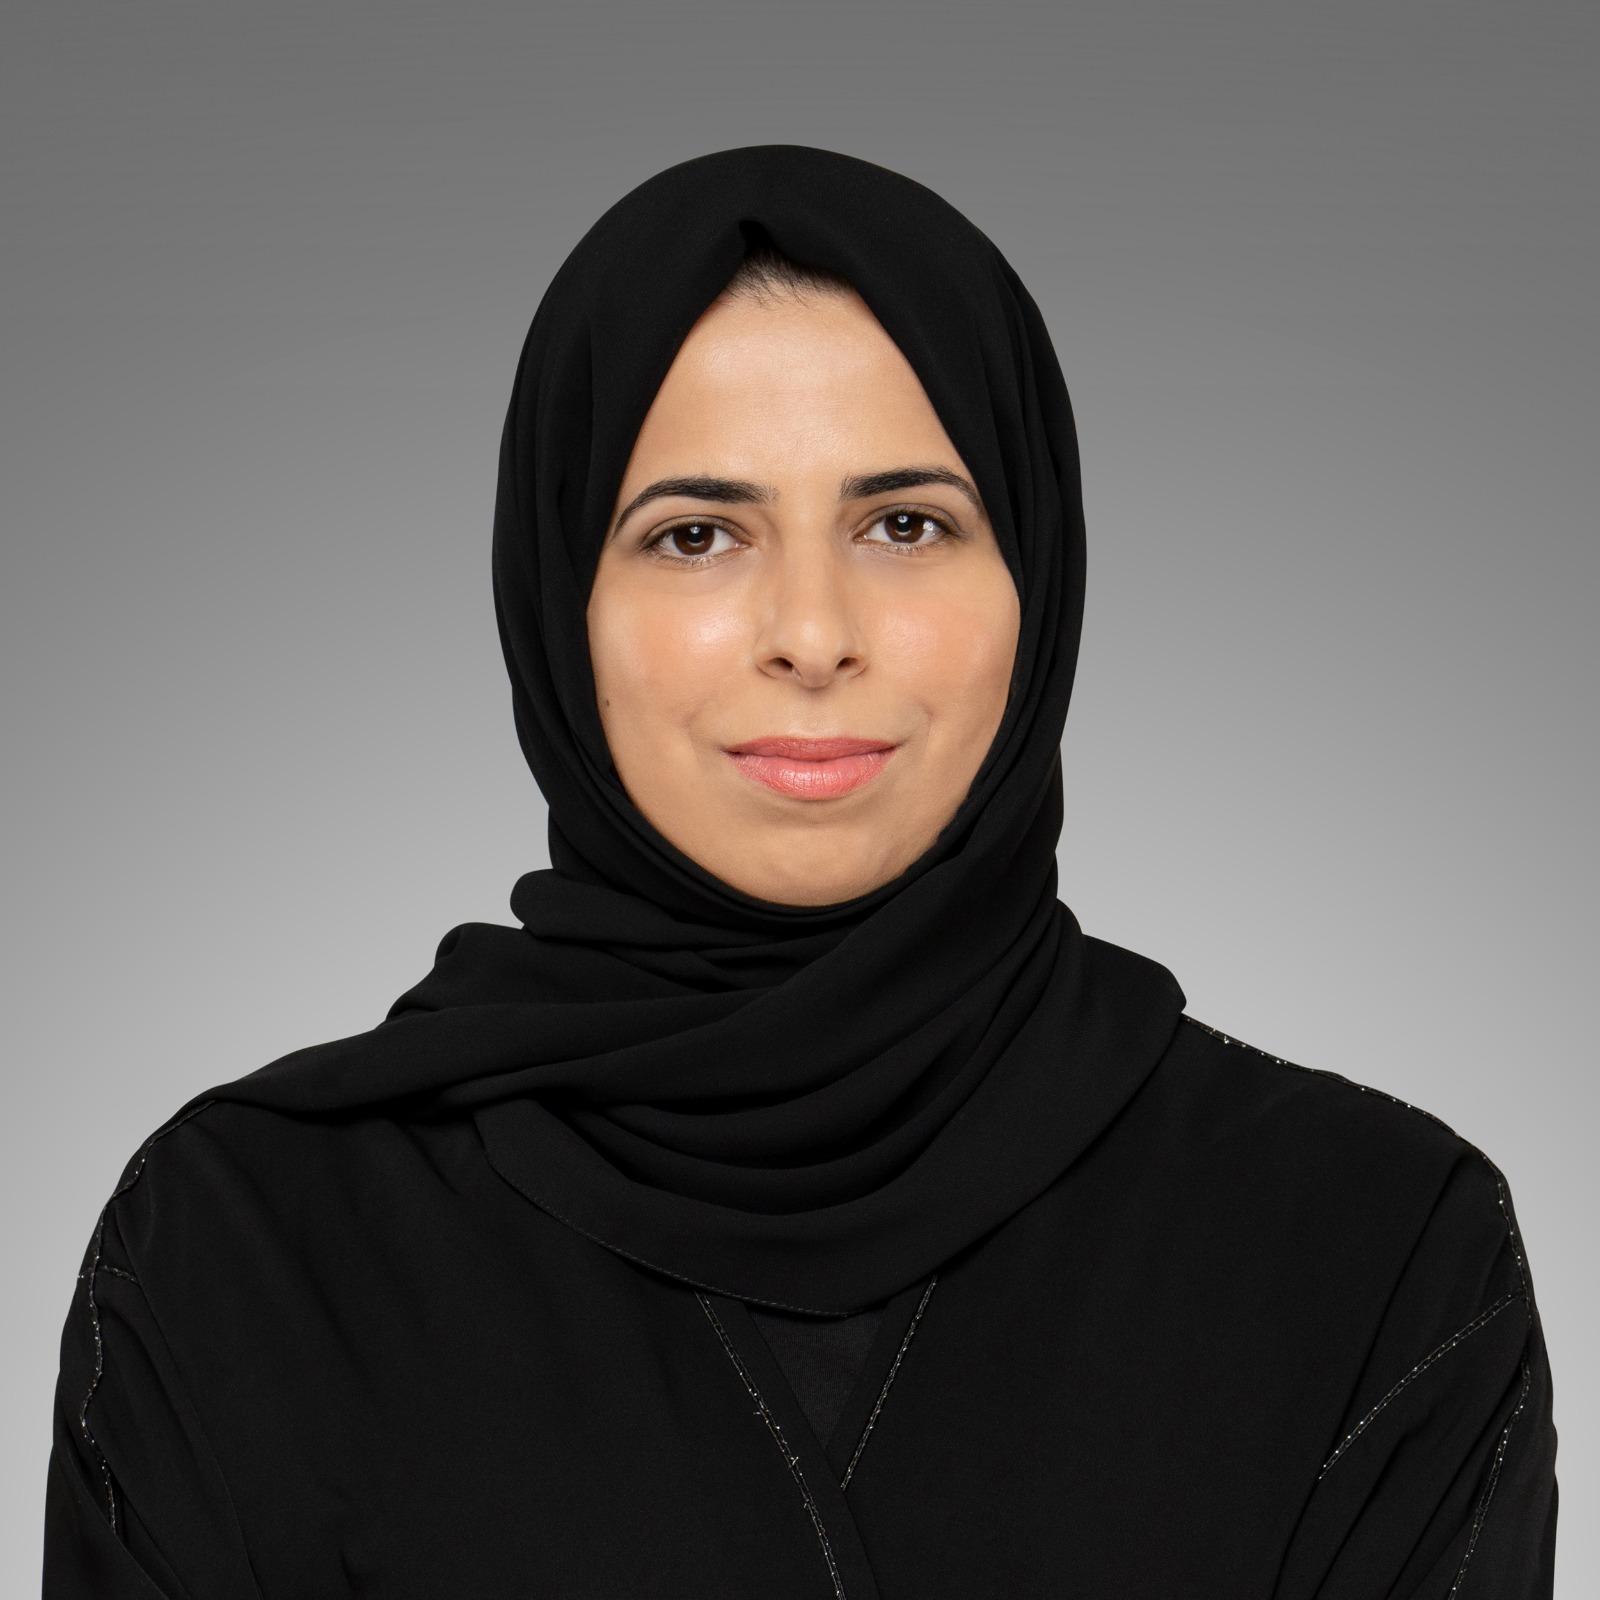 مساعد وزير الخارجية تؤكد التزام دولة قطر بدعم مرفق كوفاكس لإتاحة لقاحات كوفيد-19على الصعيد العالمي